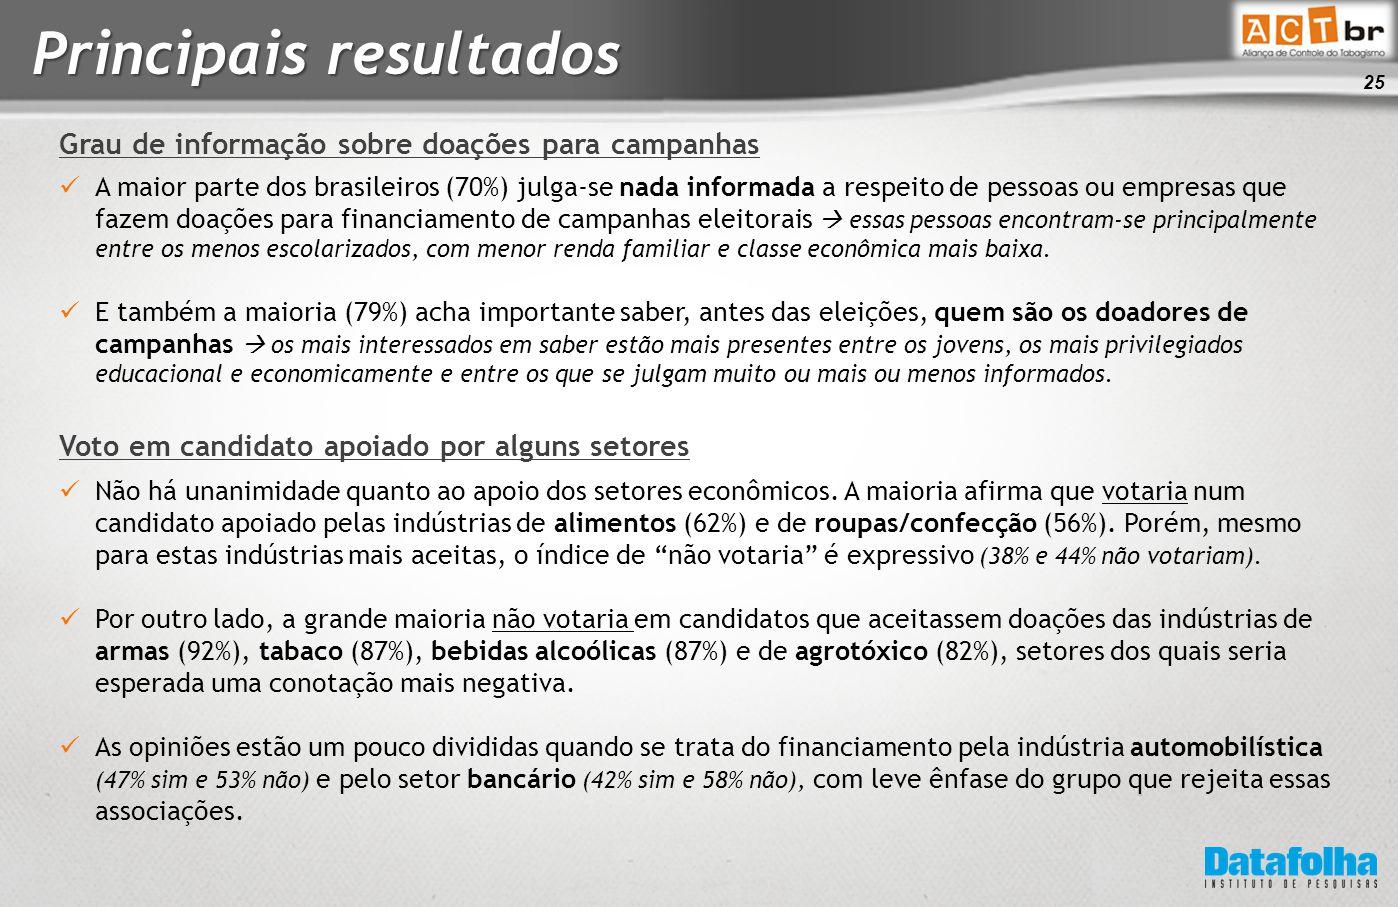 25 Principais resultados A maior parte dos brasileiros (70%) julga-se nada informada a respeito de pessoas ou empresas que fazem doações para financiamento de campanhas eleitorais  essas pessoas encontram-se principalmente entre os menos escolarizados, com menor renda familiar e classe econômica mais baixa.